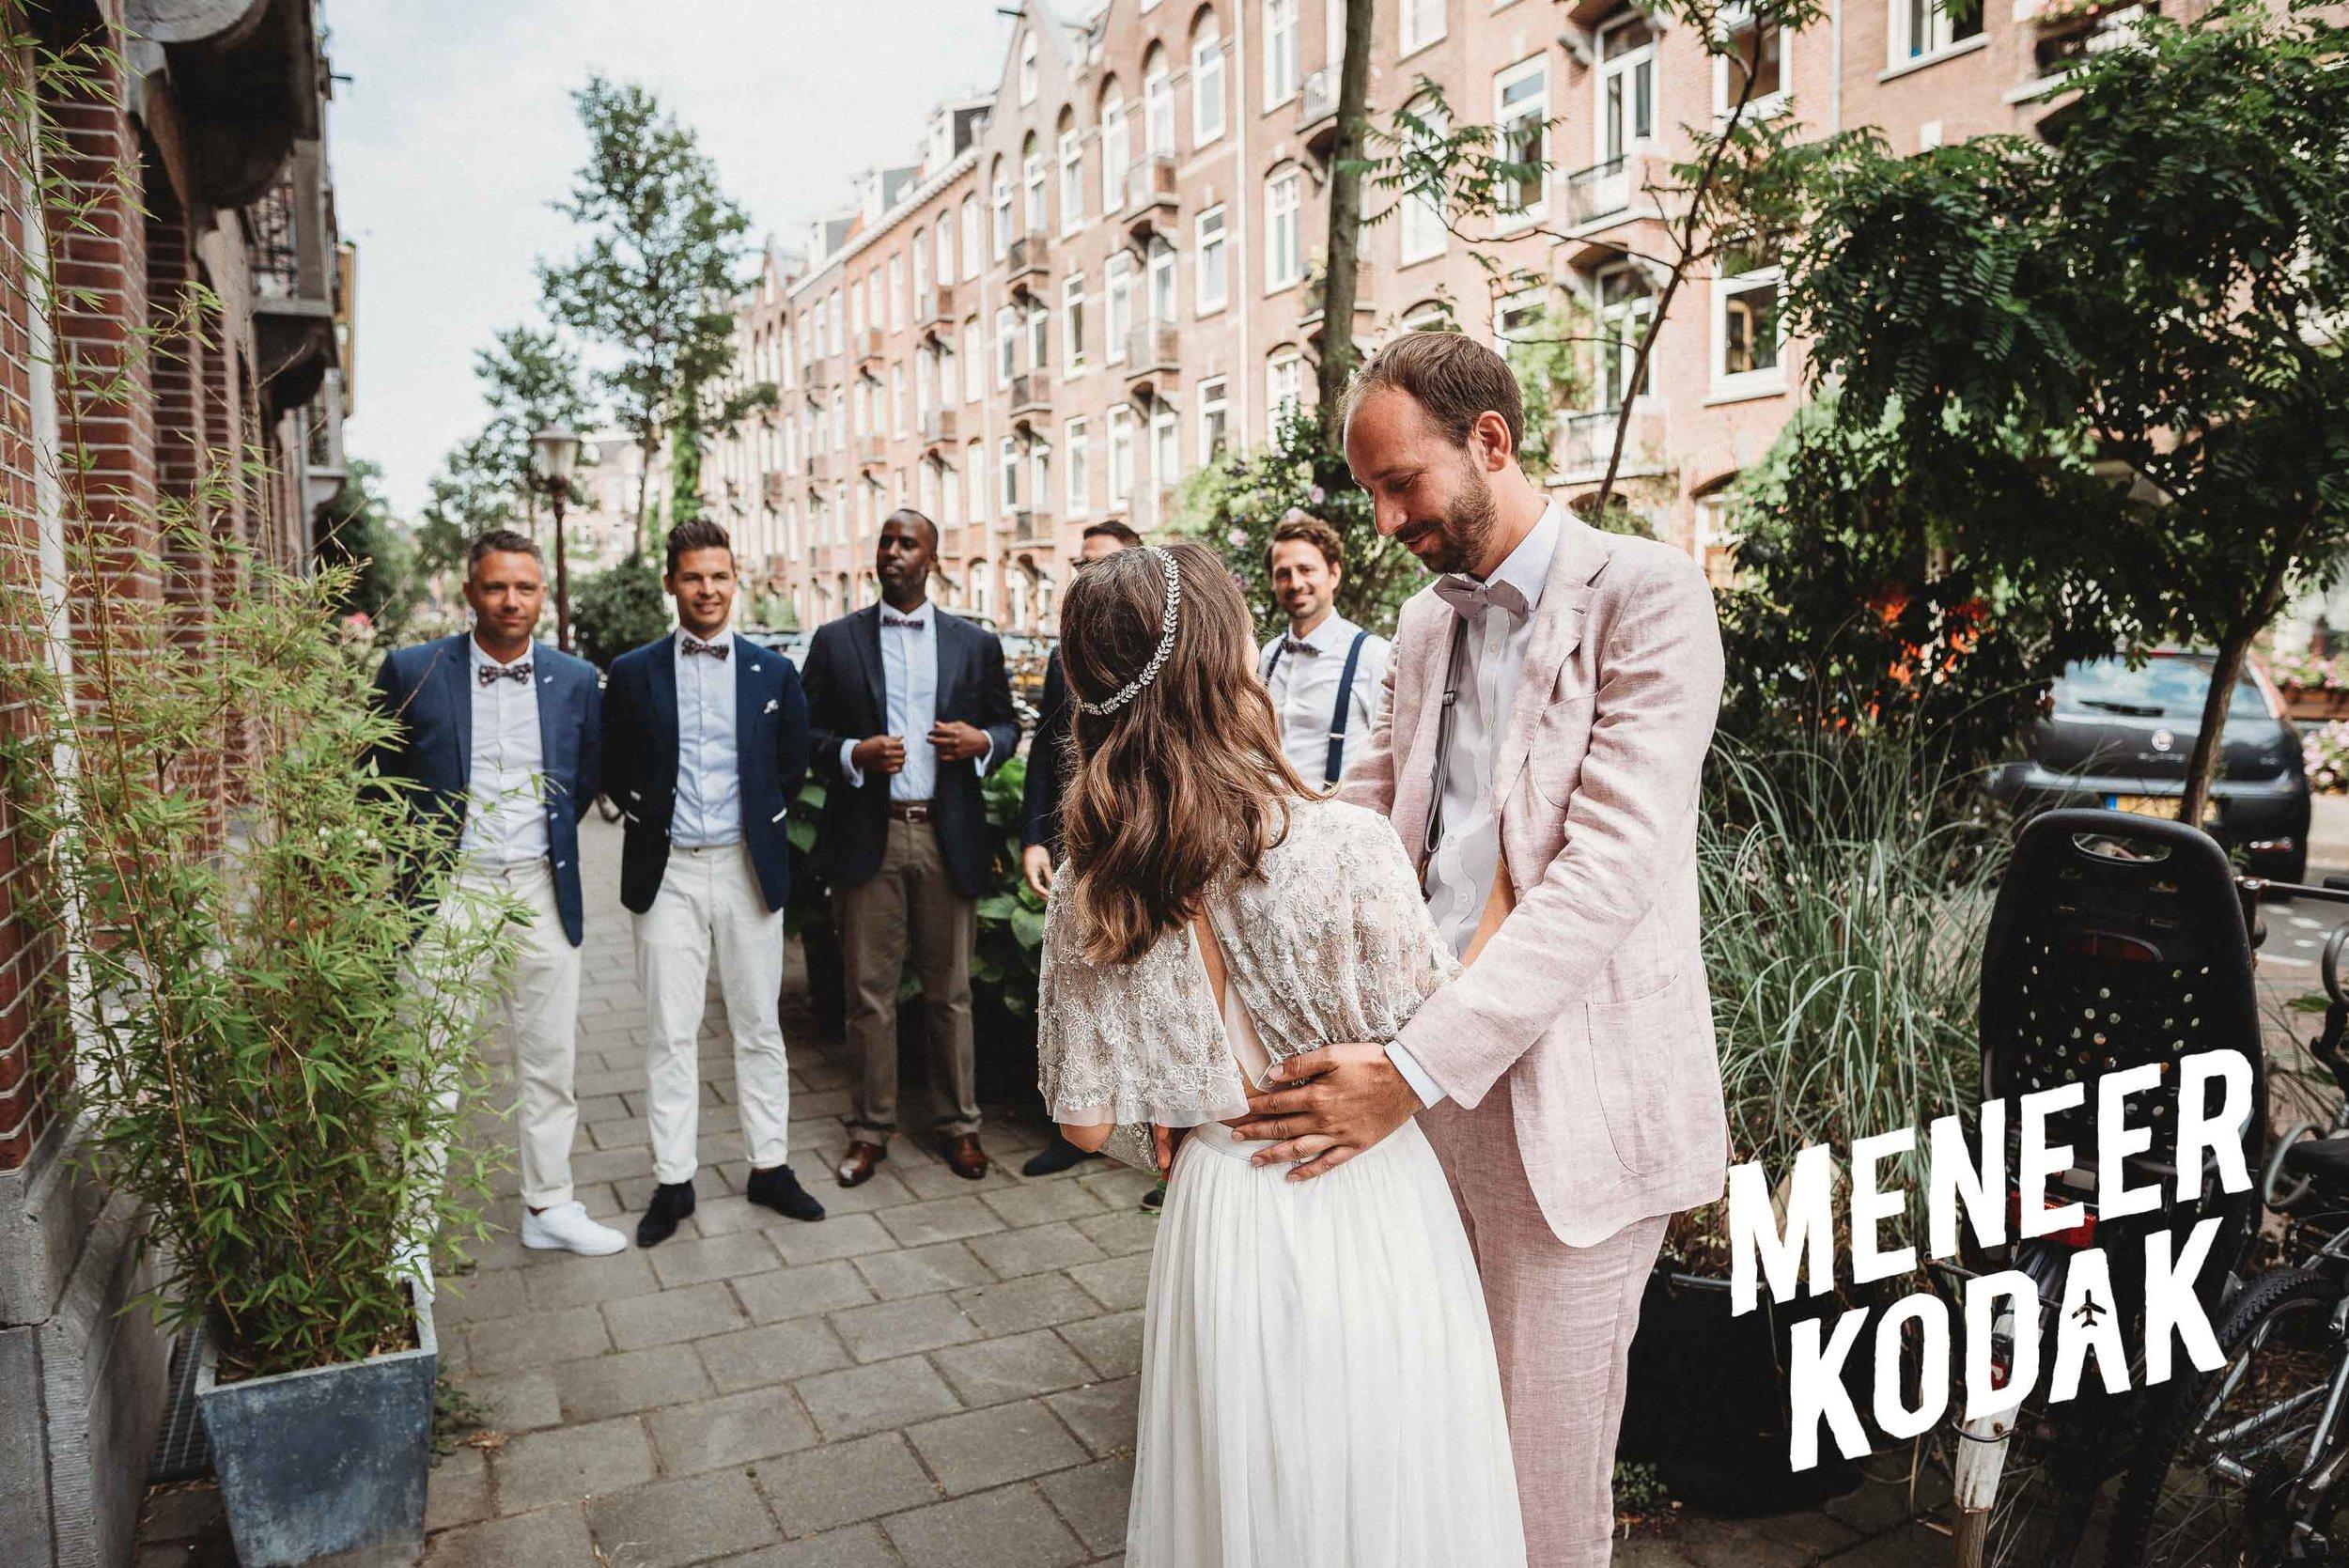 Meneer Kodak - Trouwfotograaf - Amsterdam - H&T-037.jpg